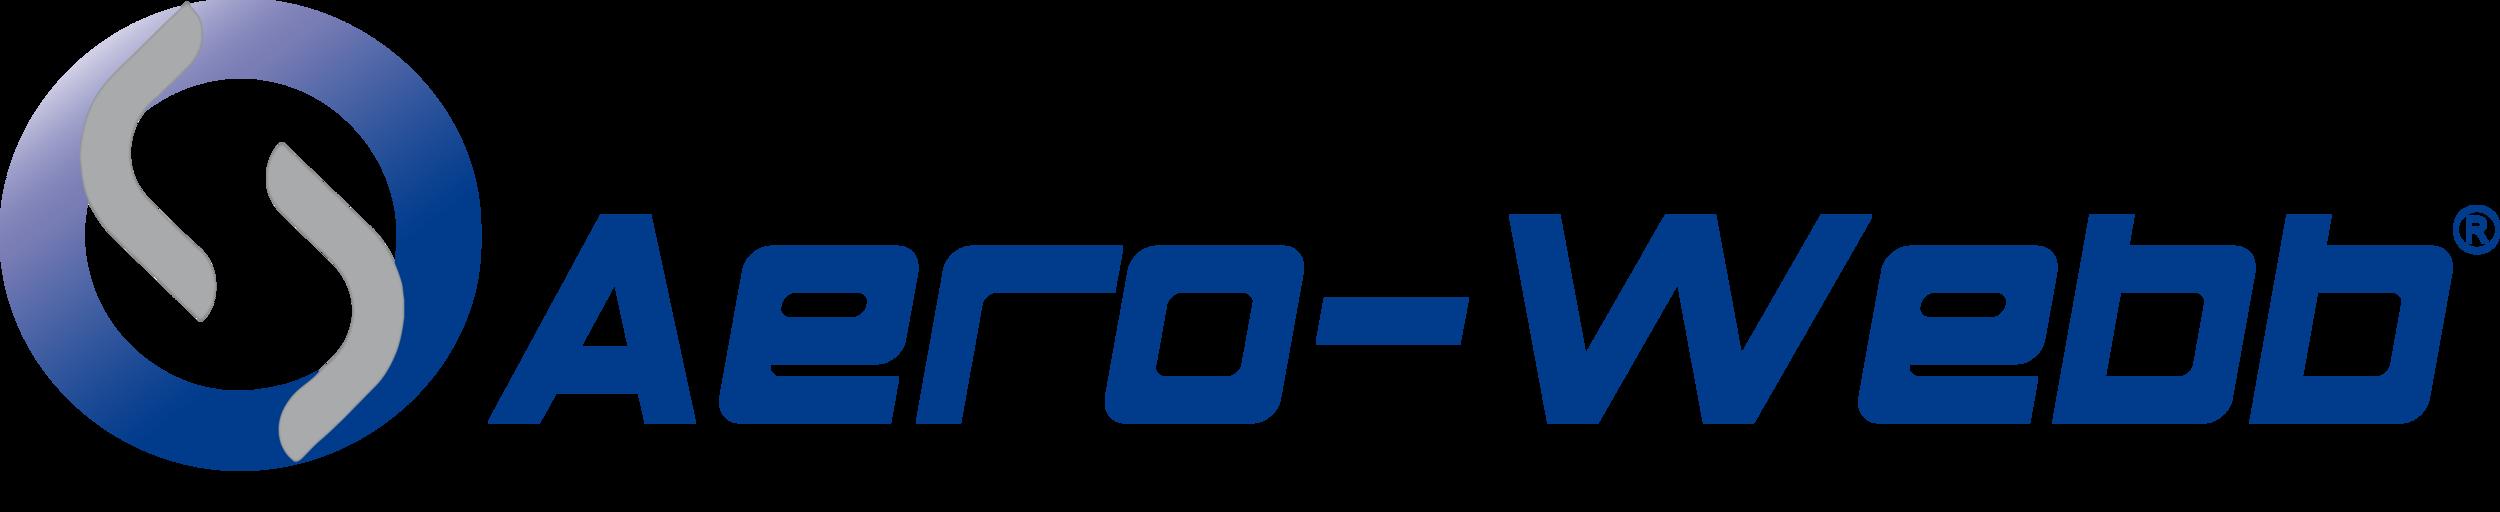 aero-webbv3-2.png